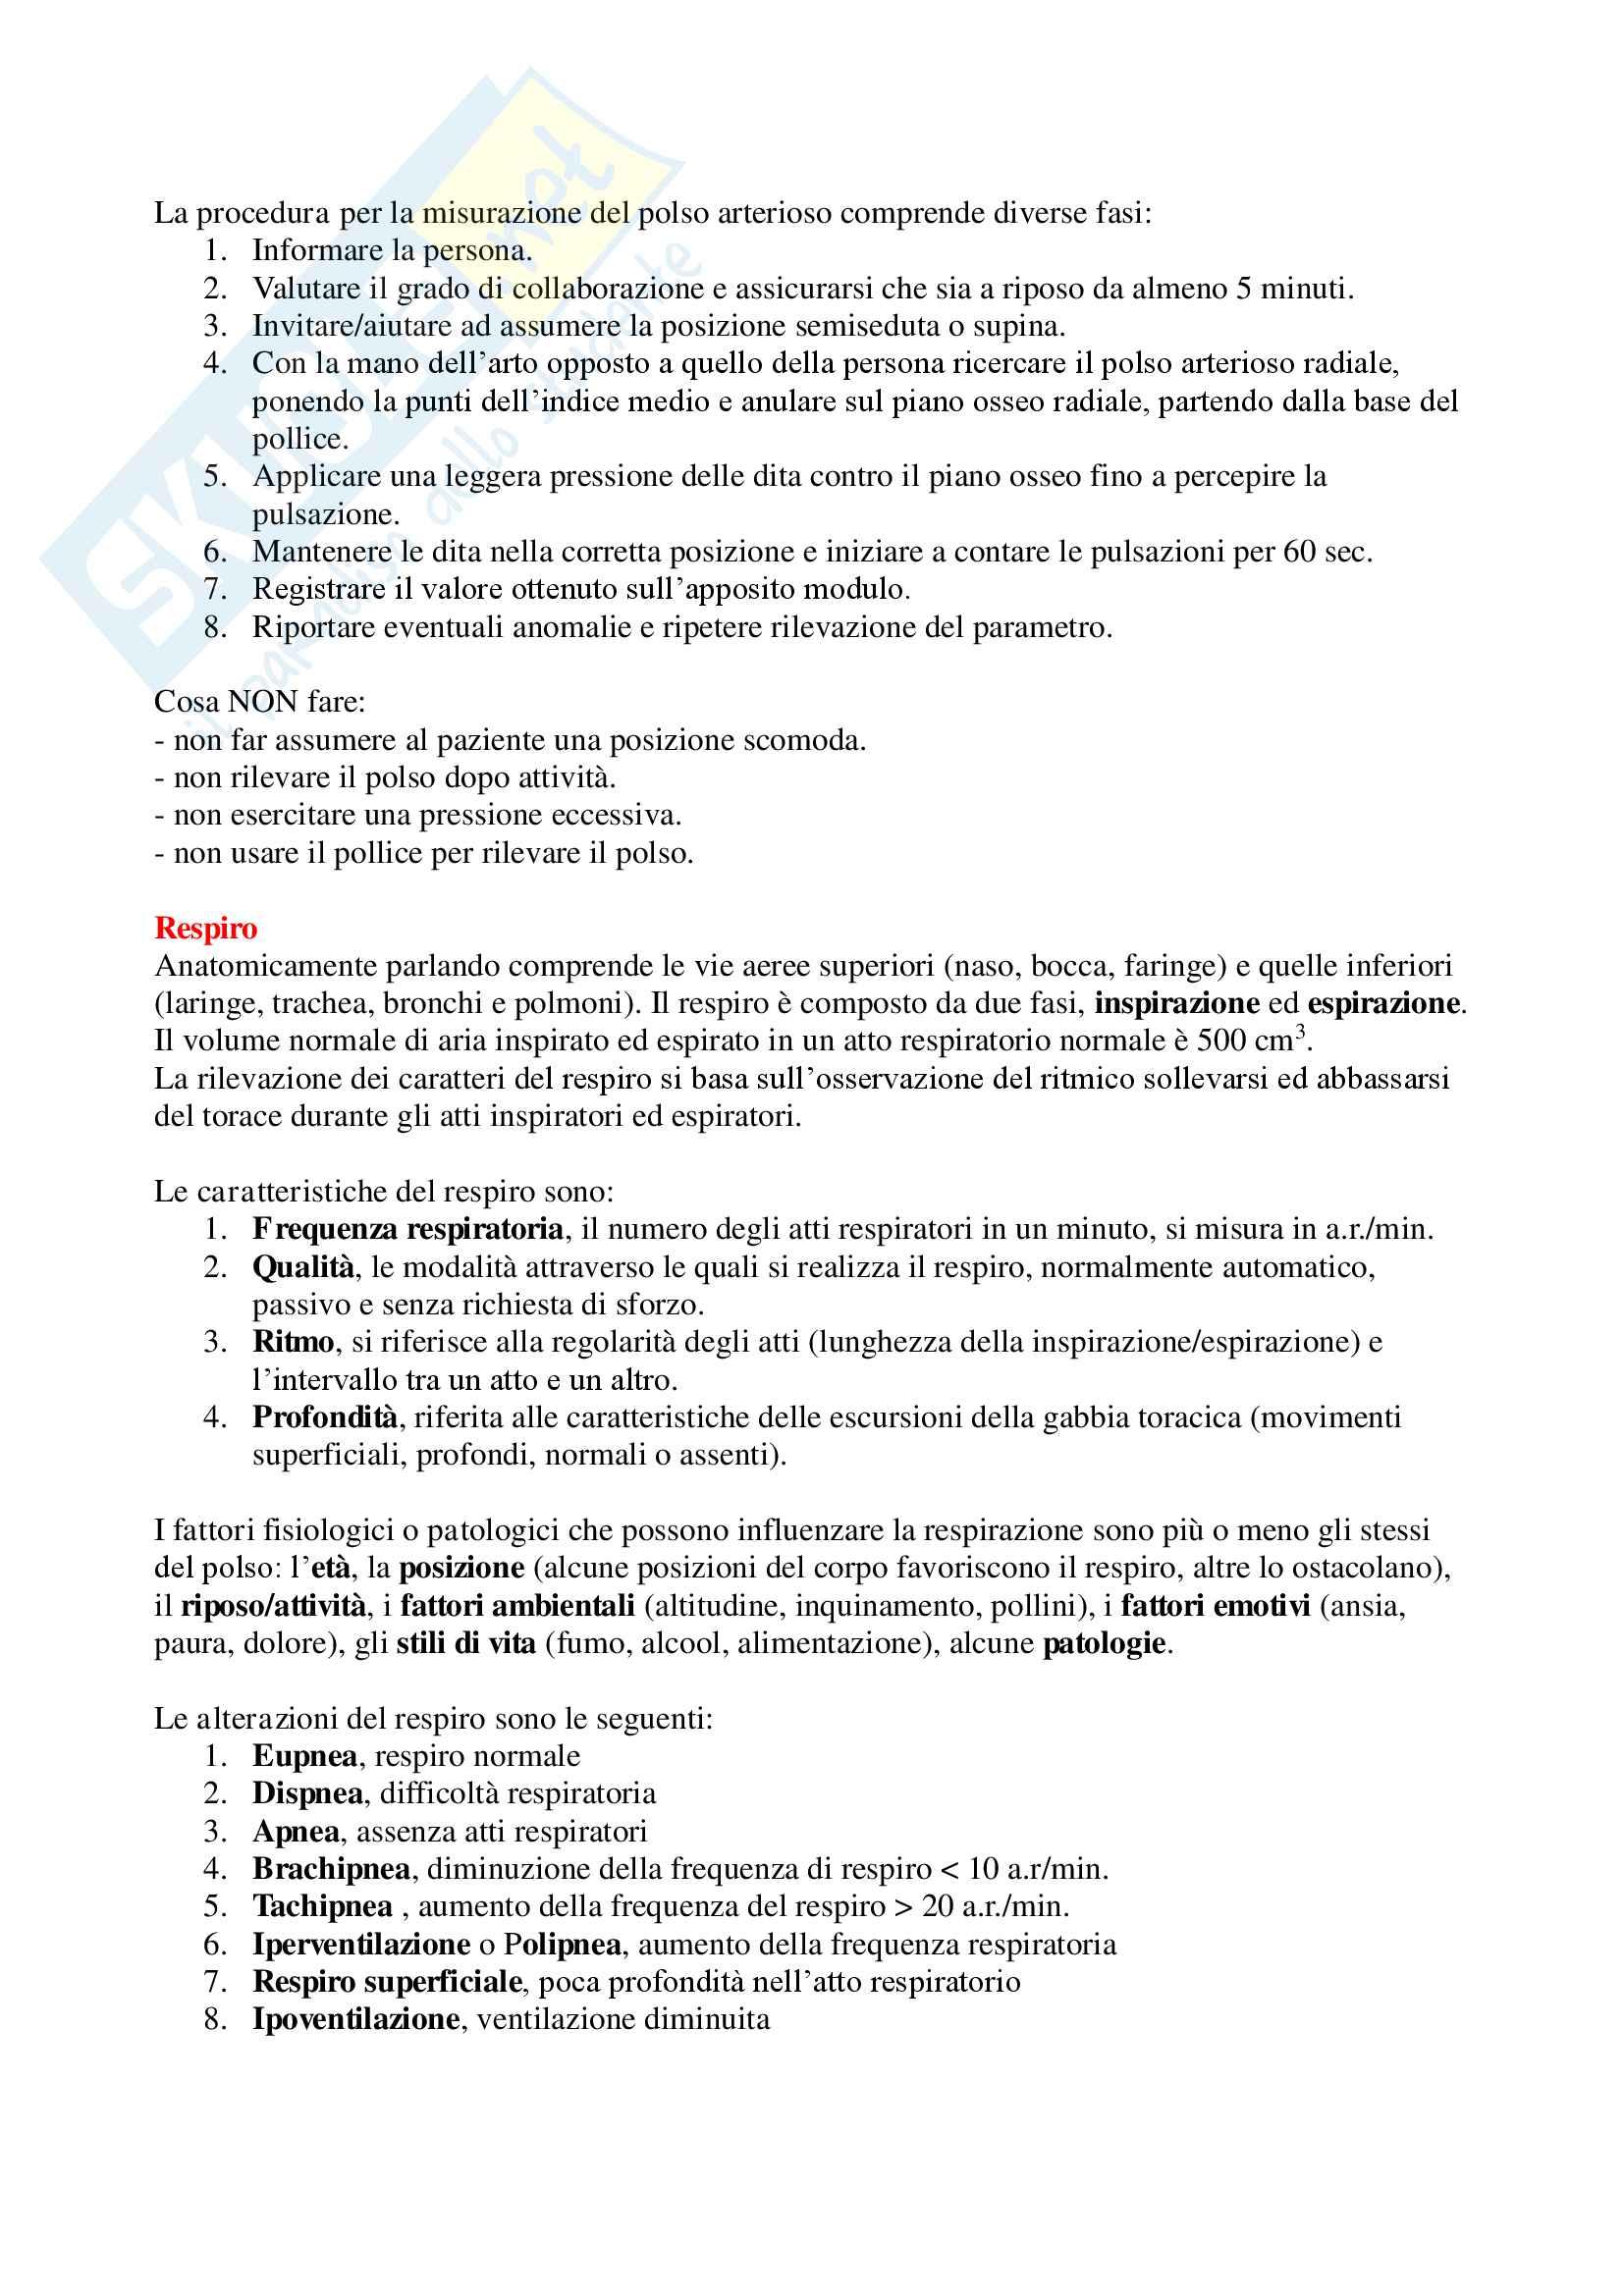 Infermieristica Clinica - Appunti Completi Pag. 2